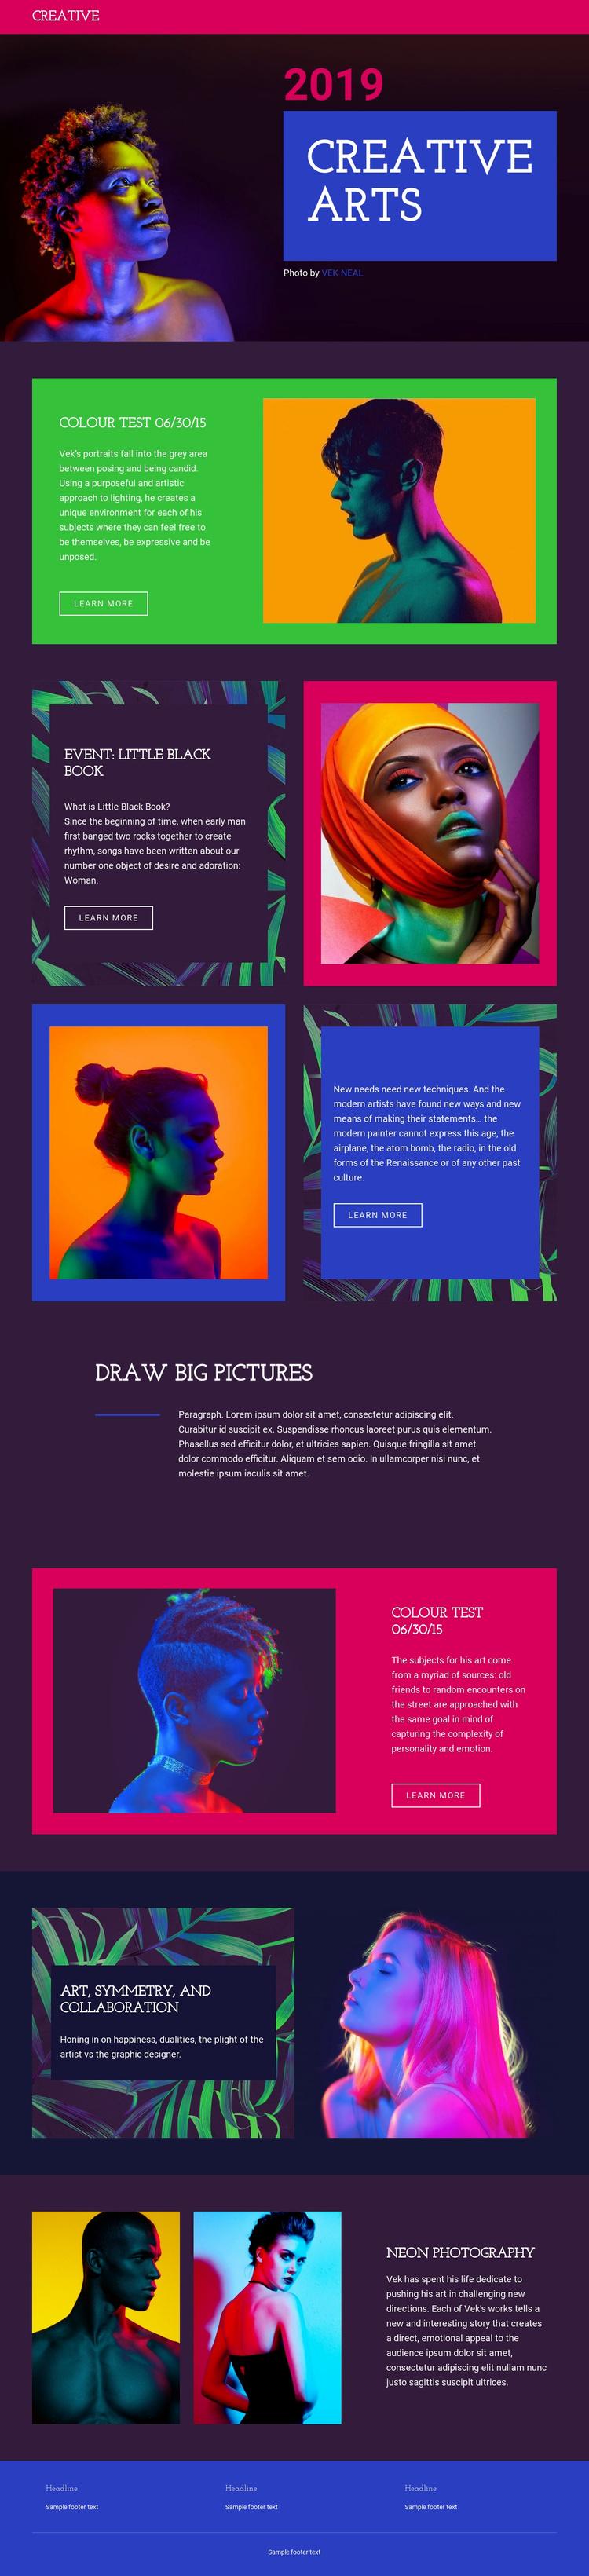 Creative Arts Website Template